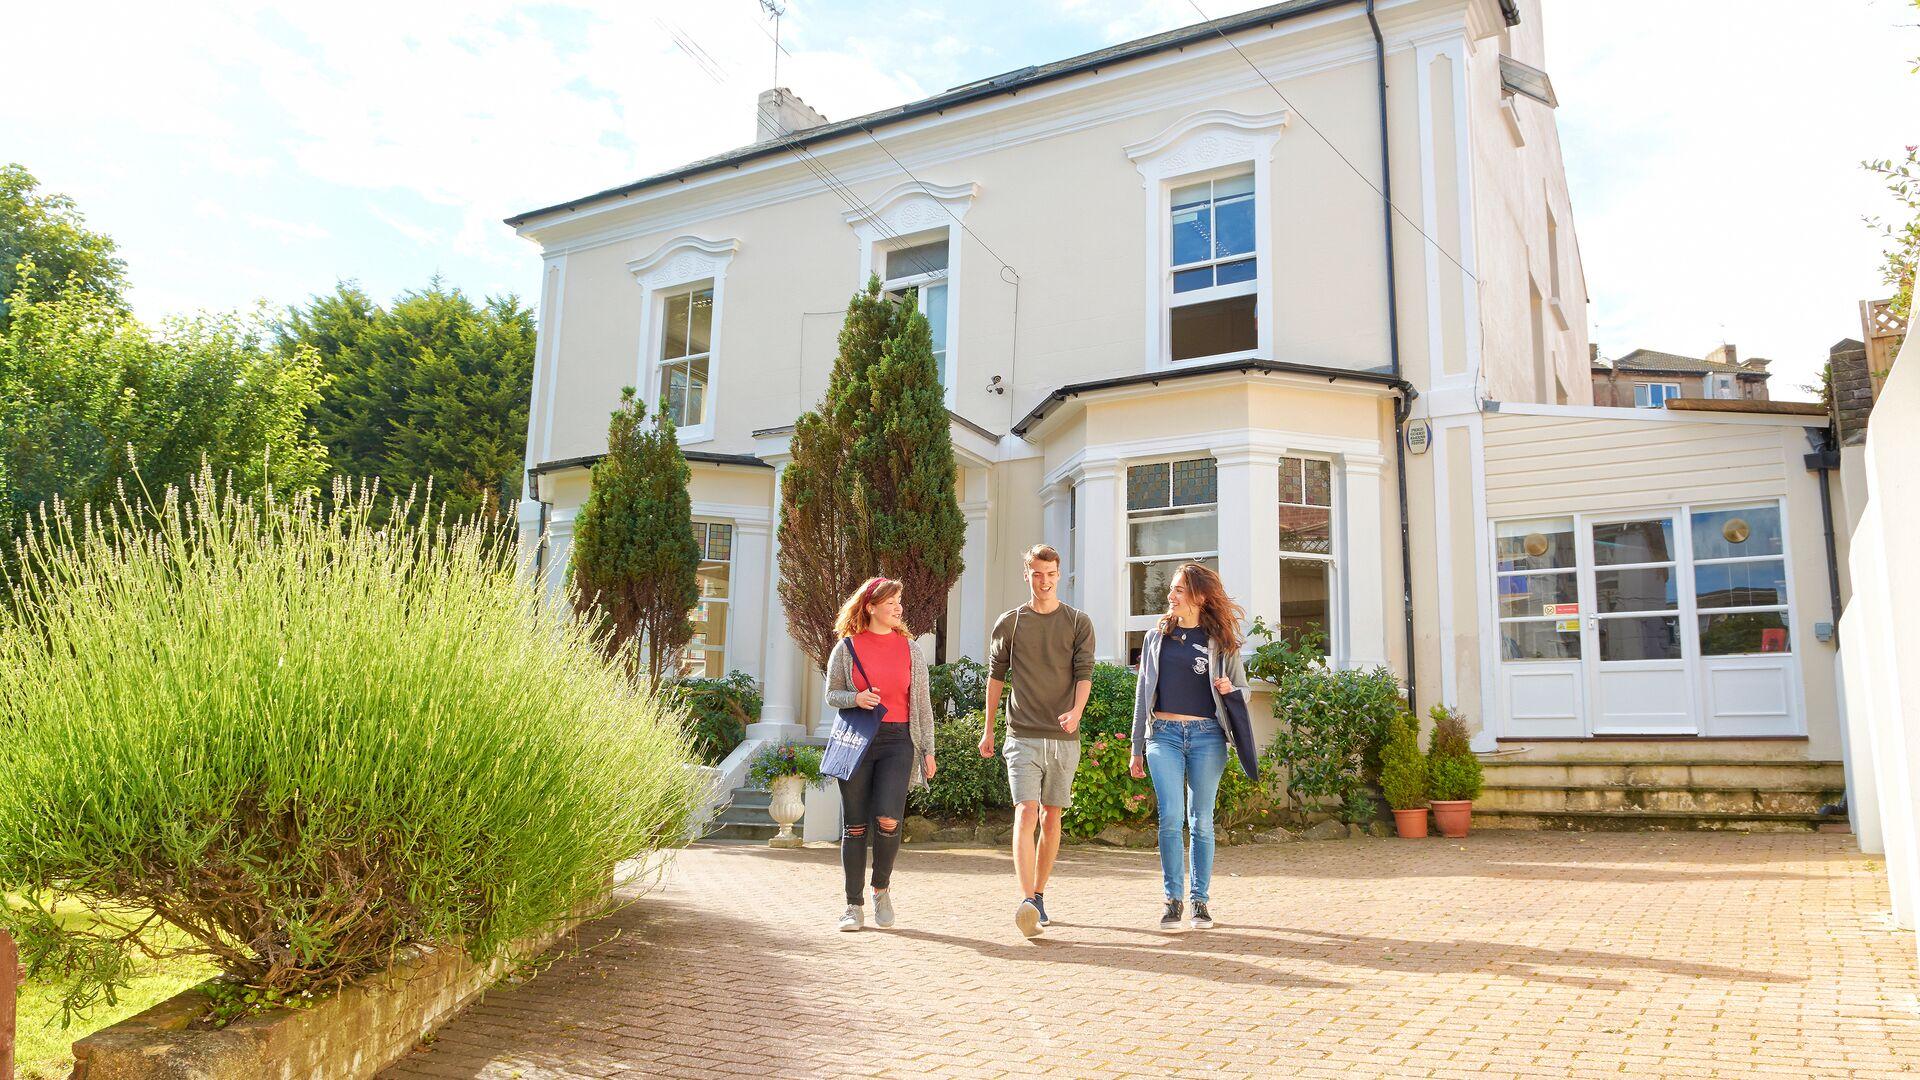 Sprachaufenthalt England, Eastbourne - St Giles Eastbourne - Schule